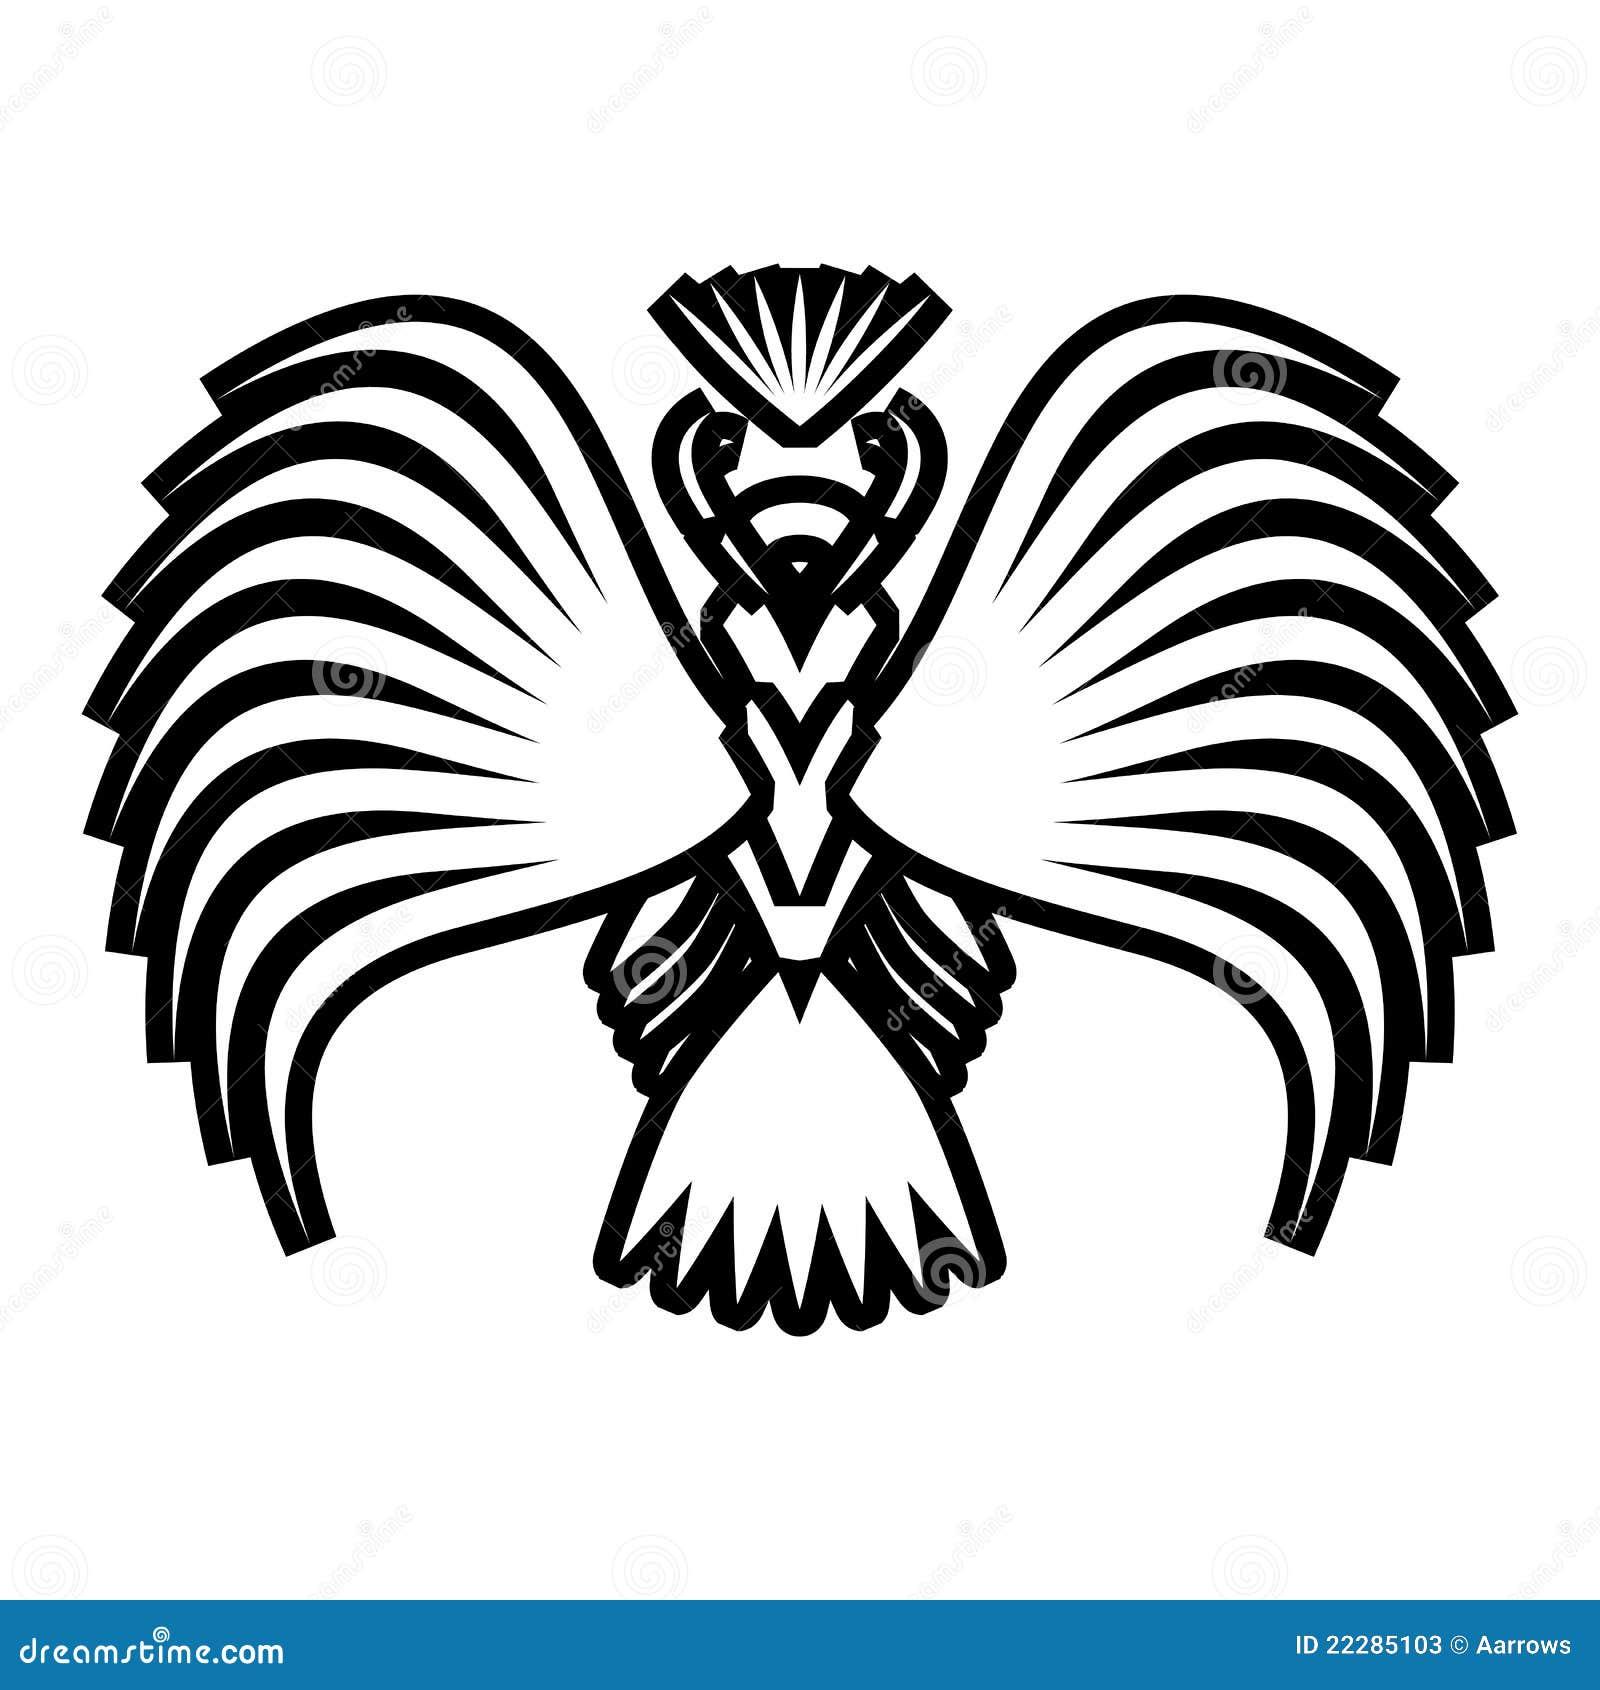 symboles d 39 aigle et tatouage illustration de vecteur illustration de vecteur image 22285103. Black Bedroom Furniture Sets. Home Design Ideas